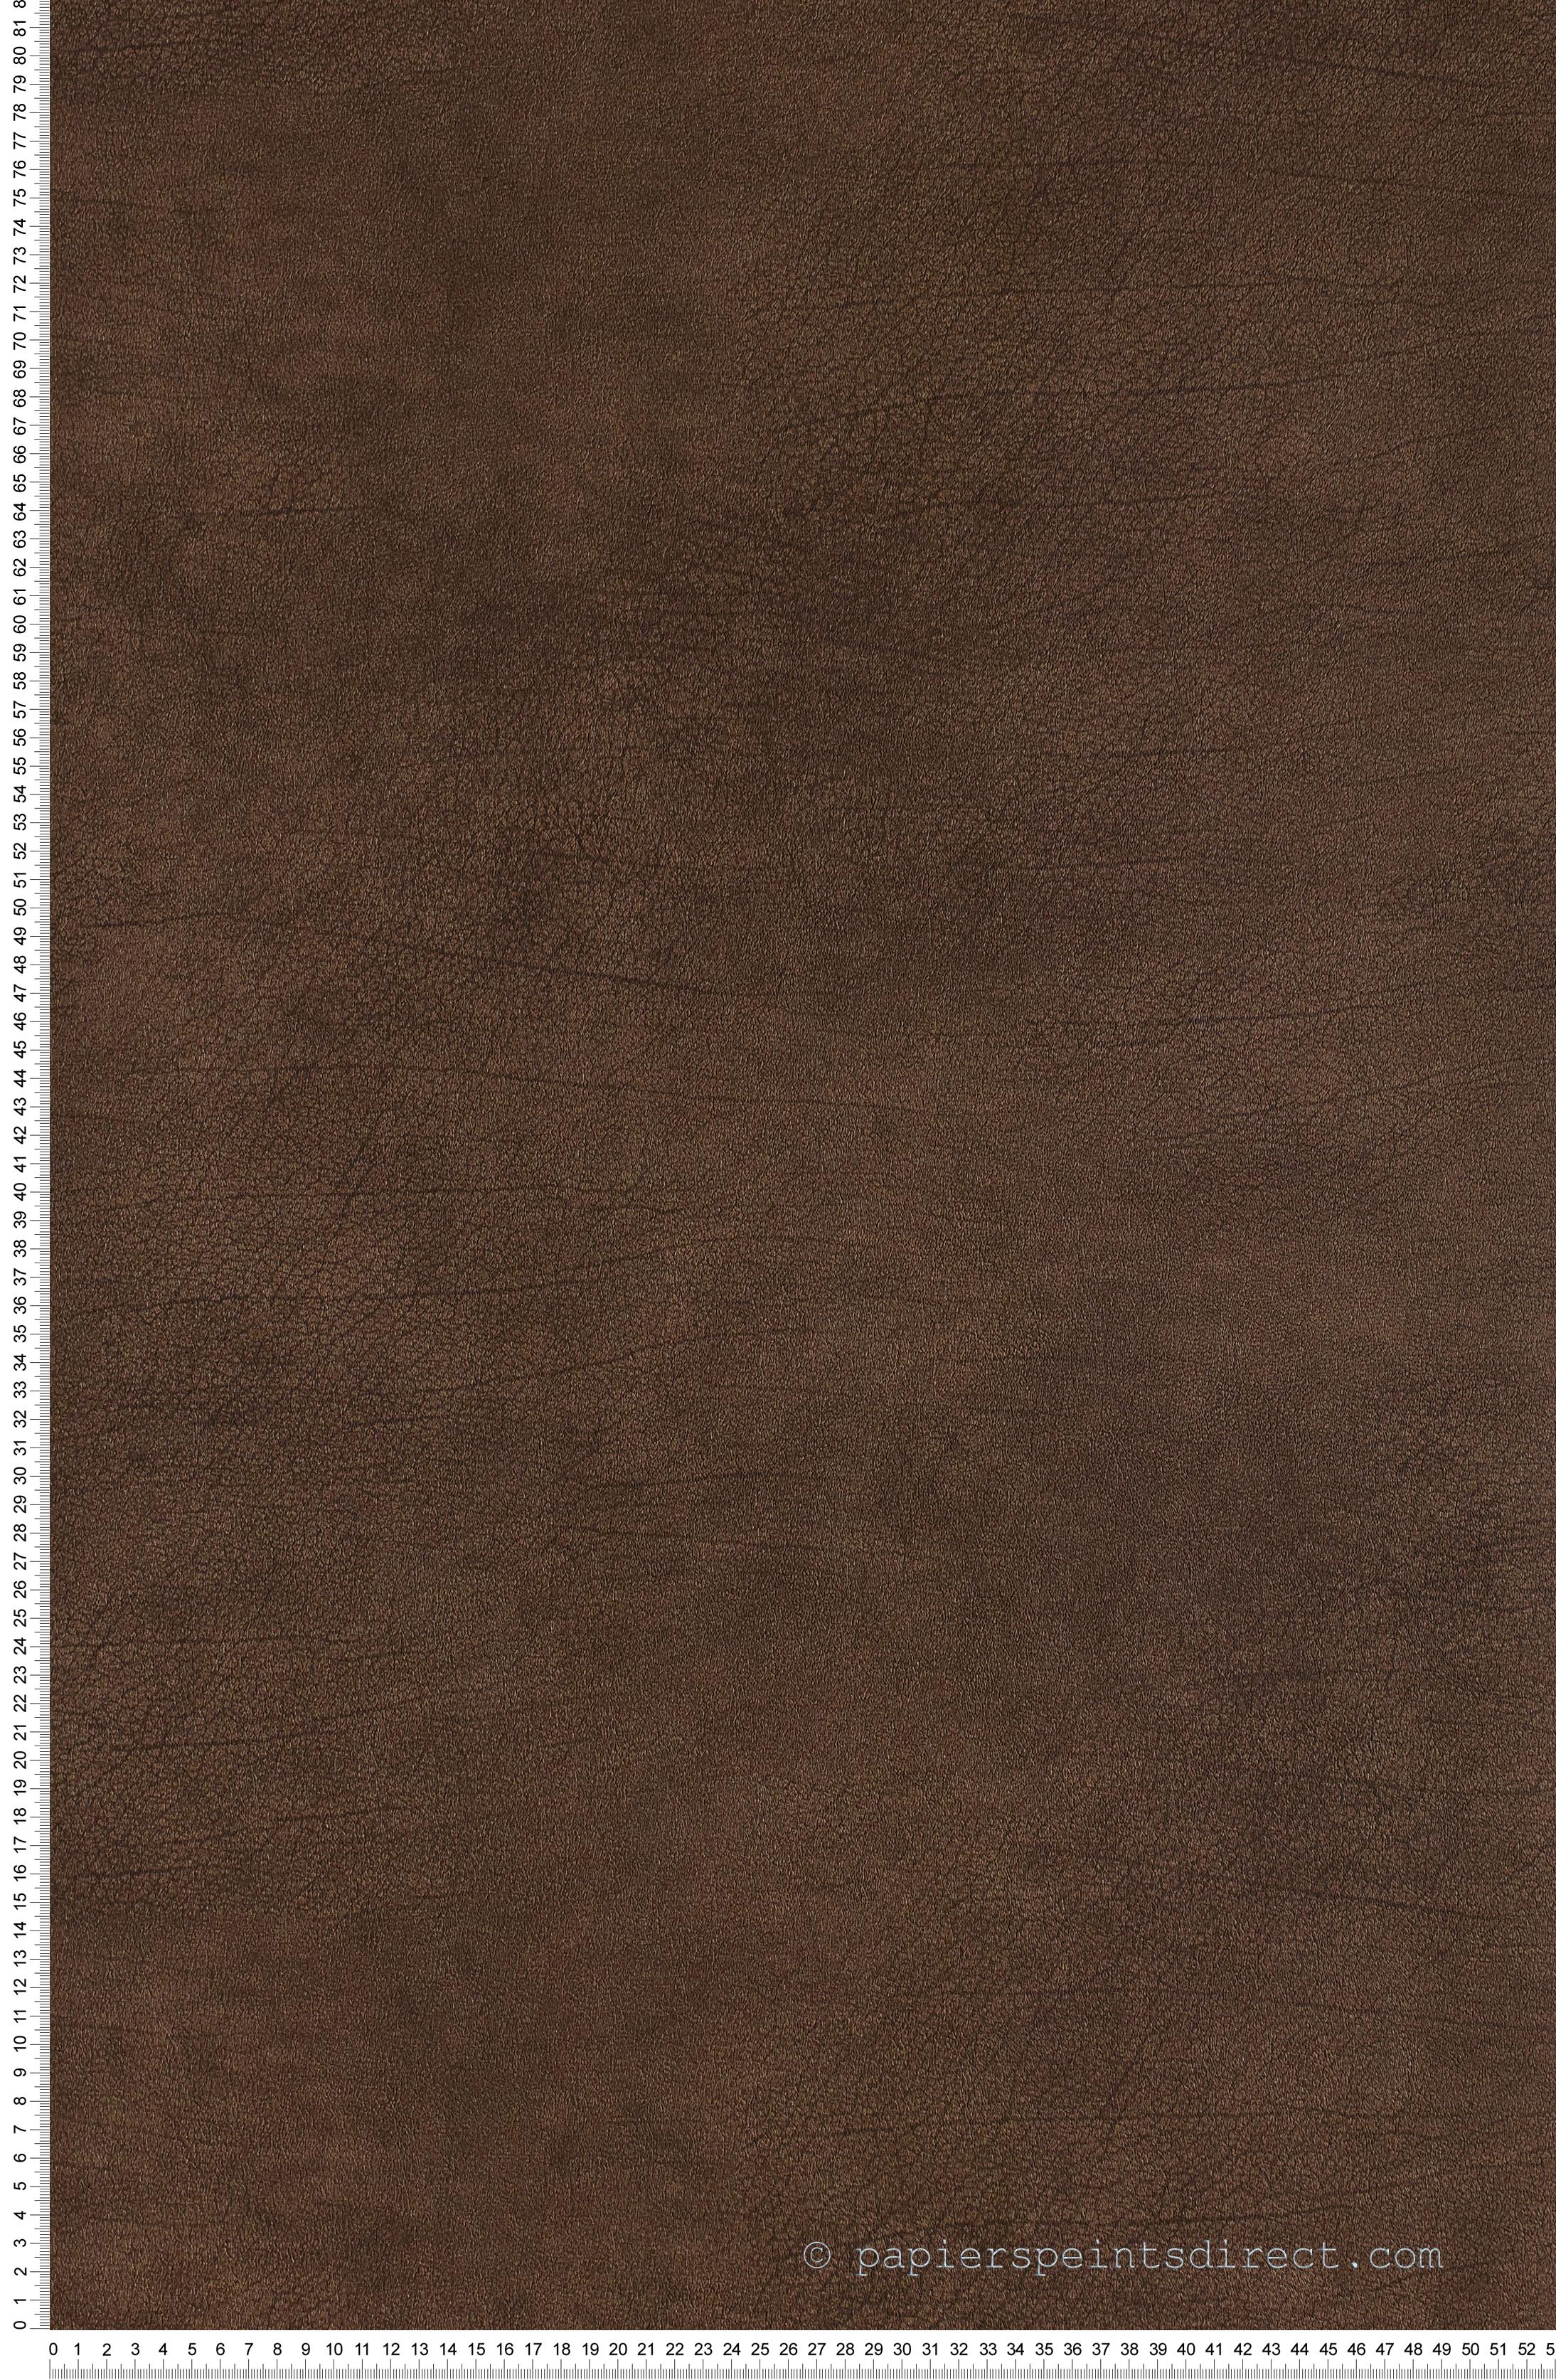 Cuir marron - Collection Shaman de Montécolino